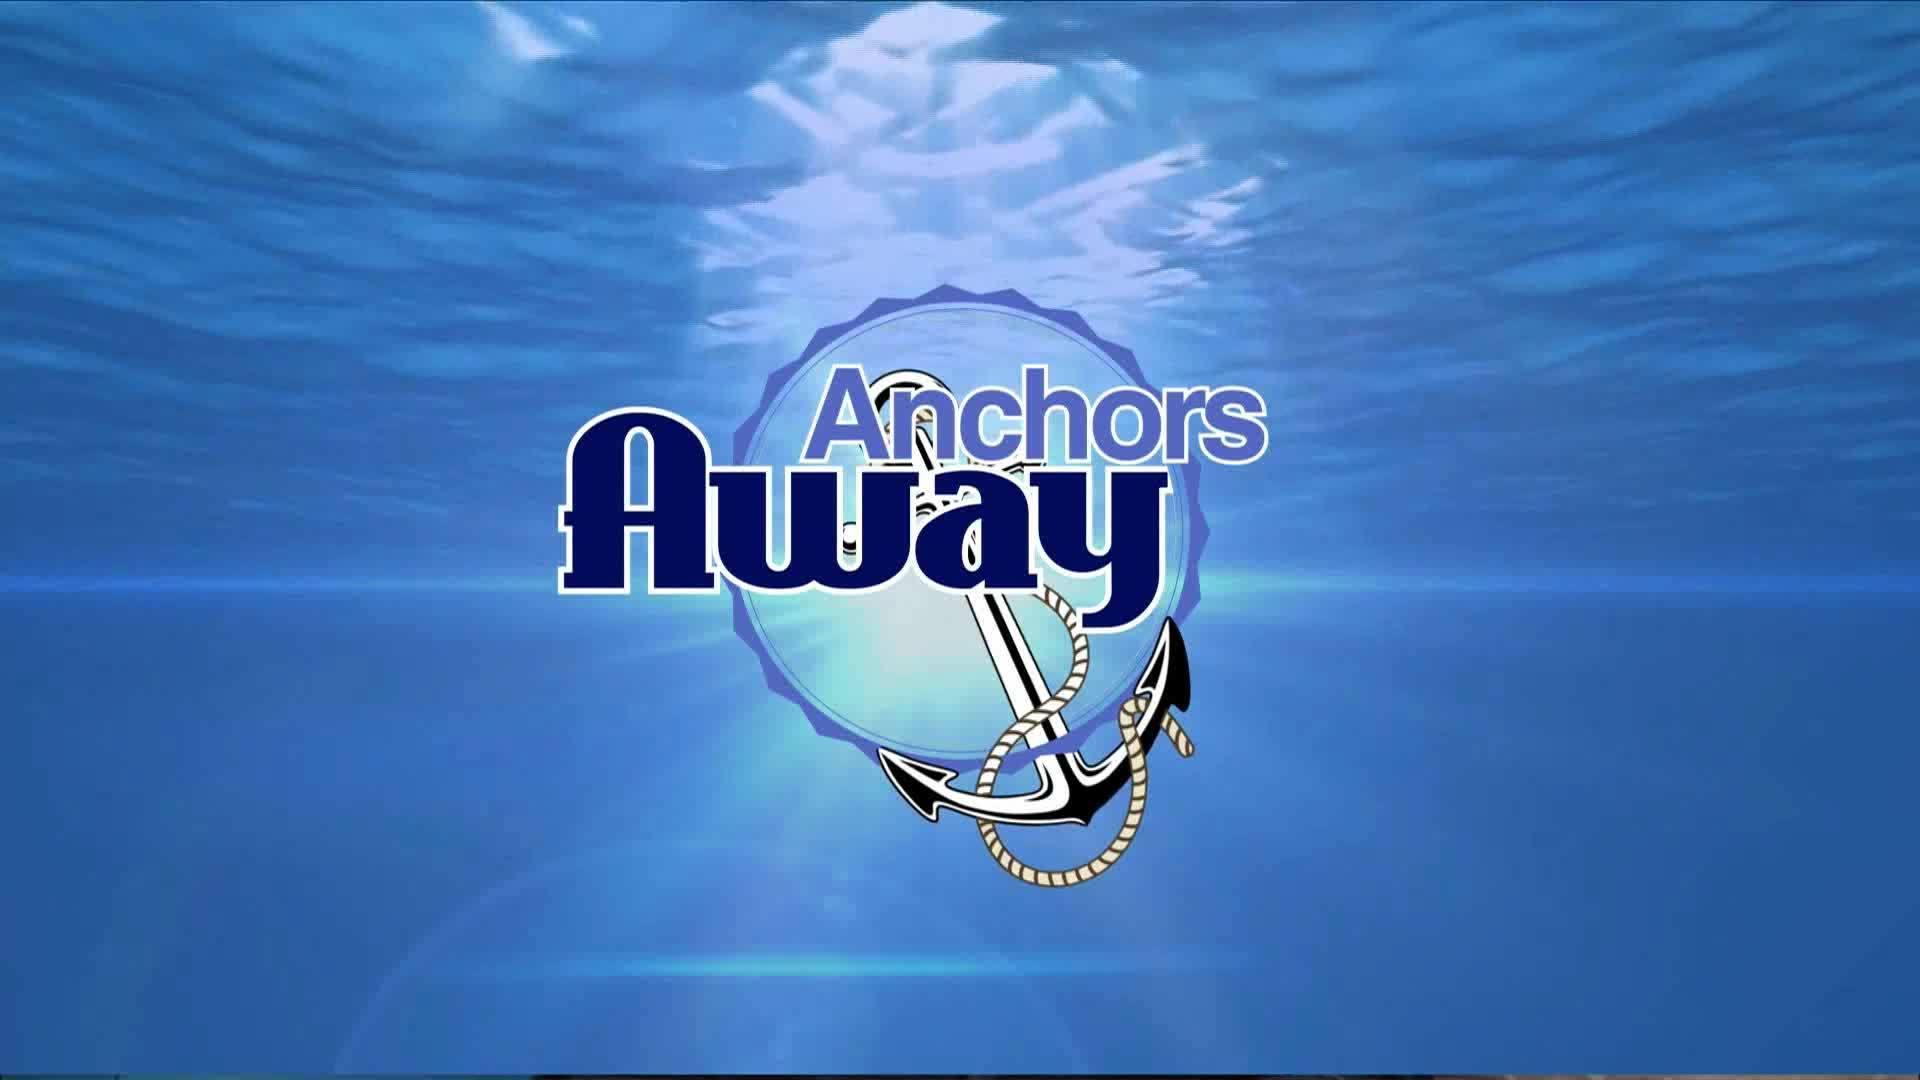 Anchors_Away_3_20190214000509